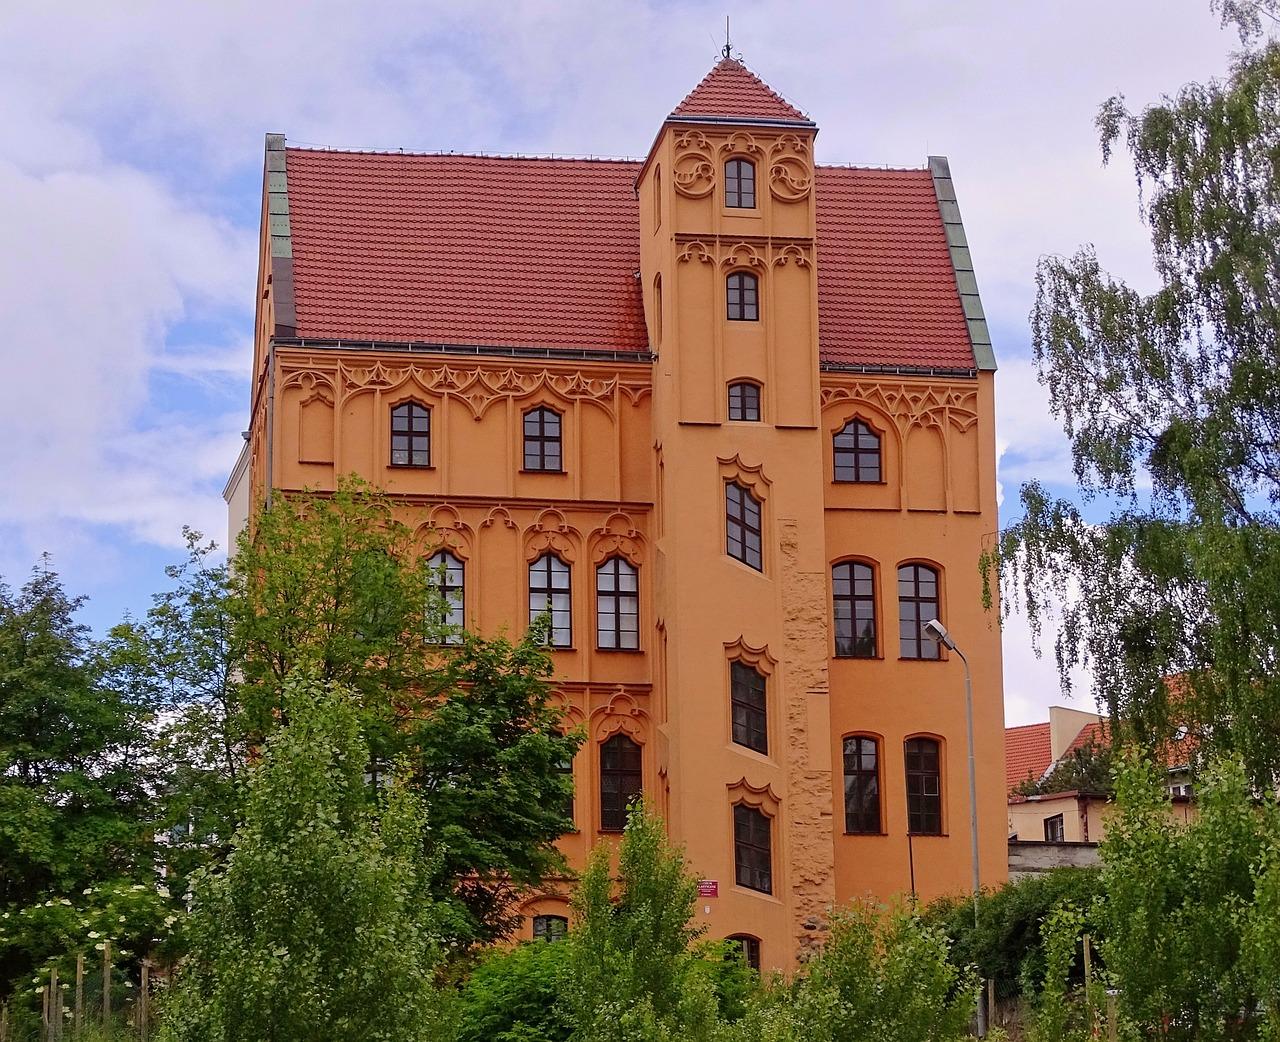 Stettin Loitzenhof